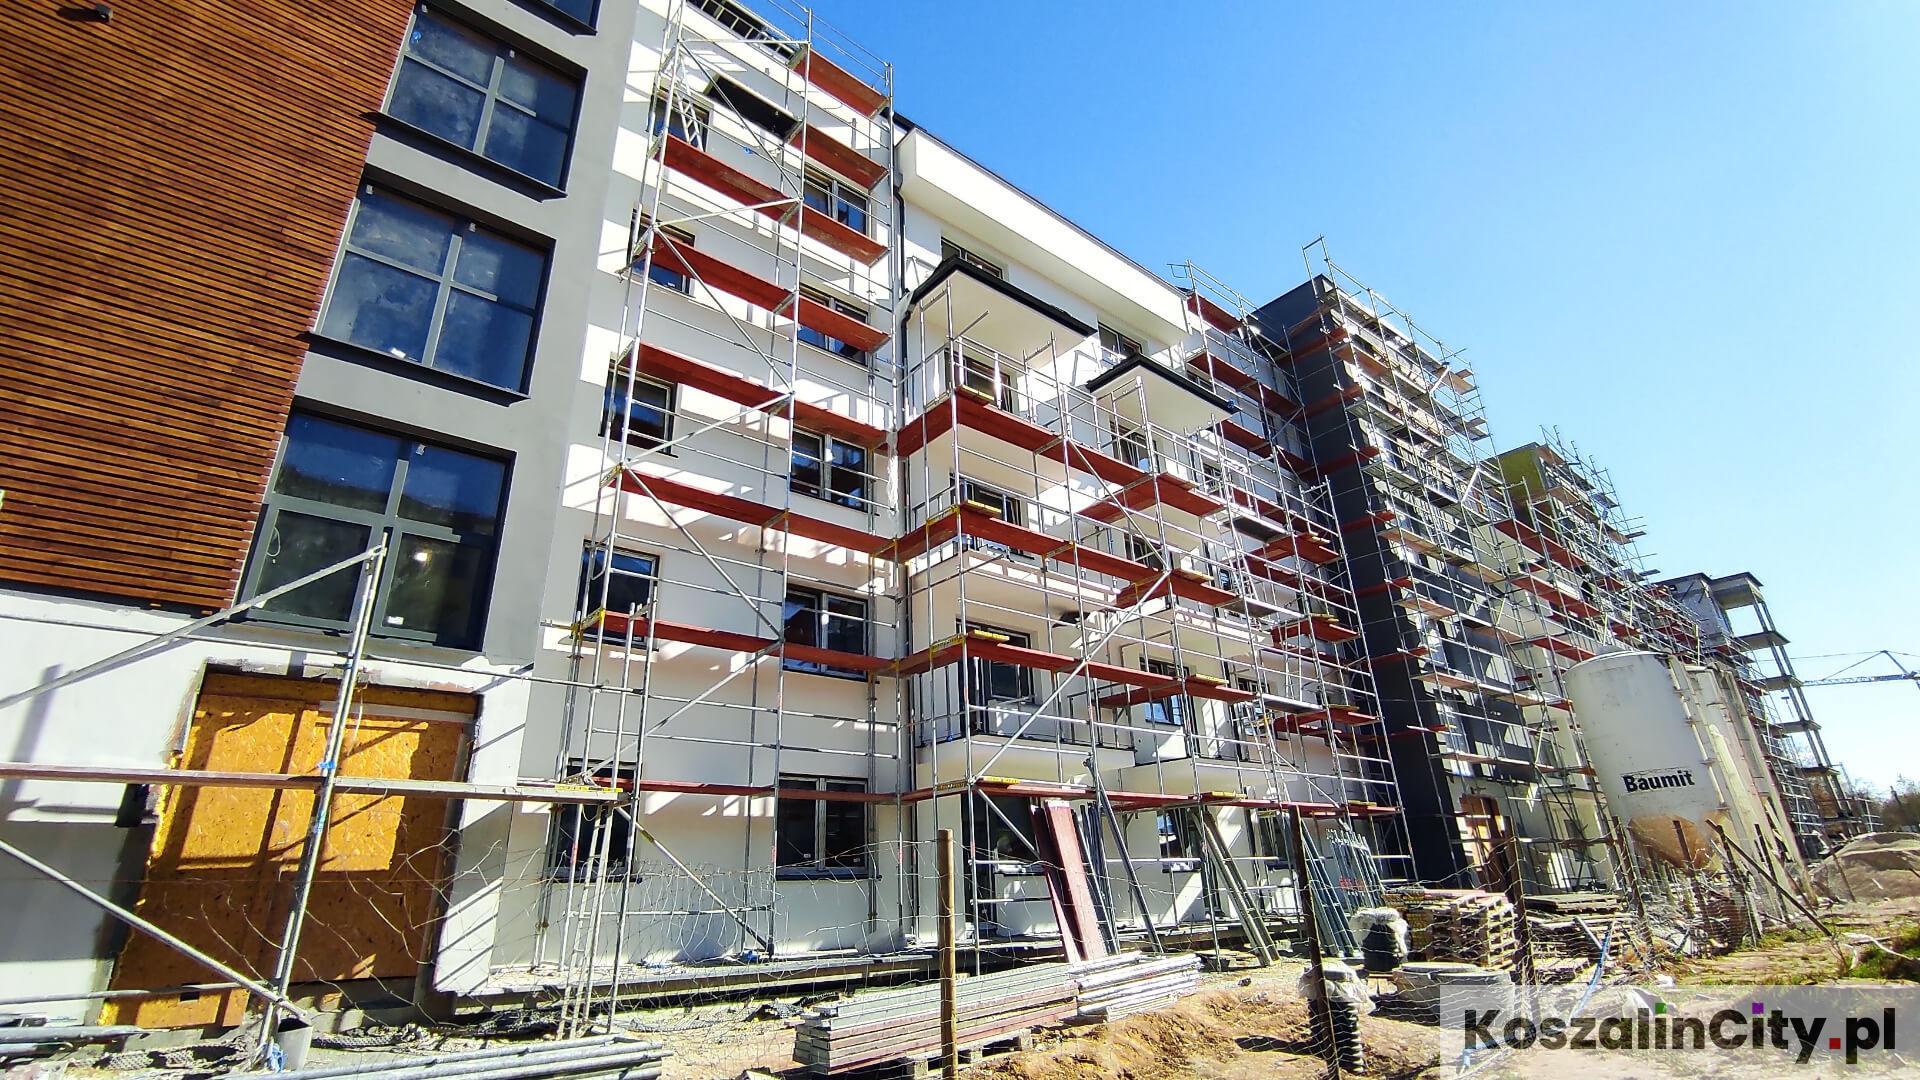 Nowe mieszkania przy ulicy Hallera w Koszalinie